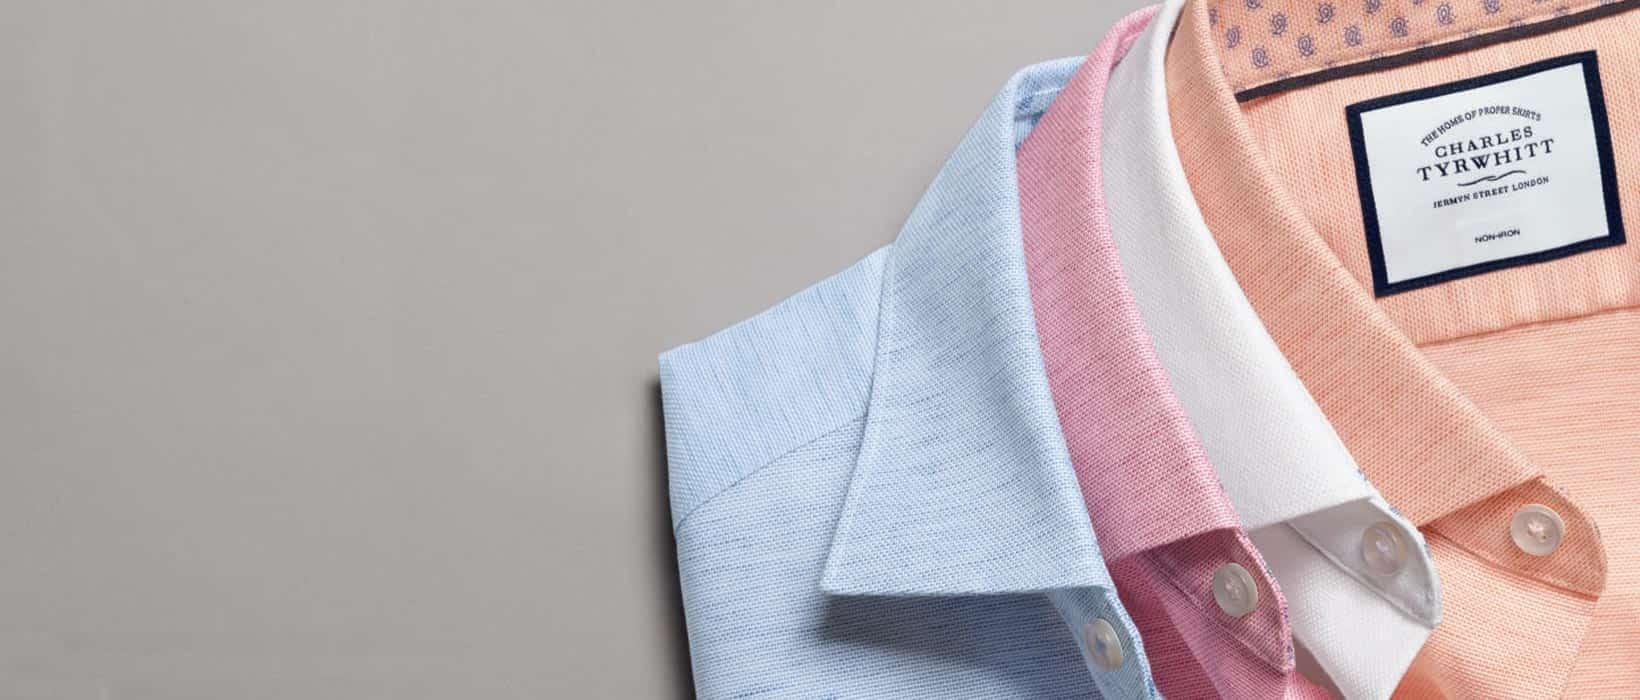 collars on shirts